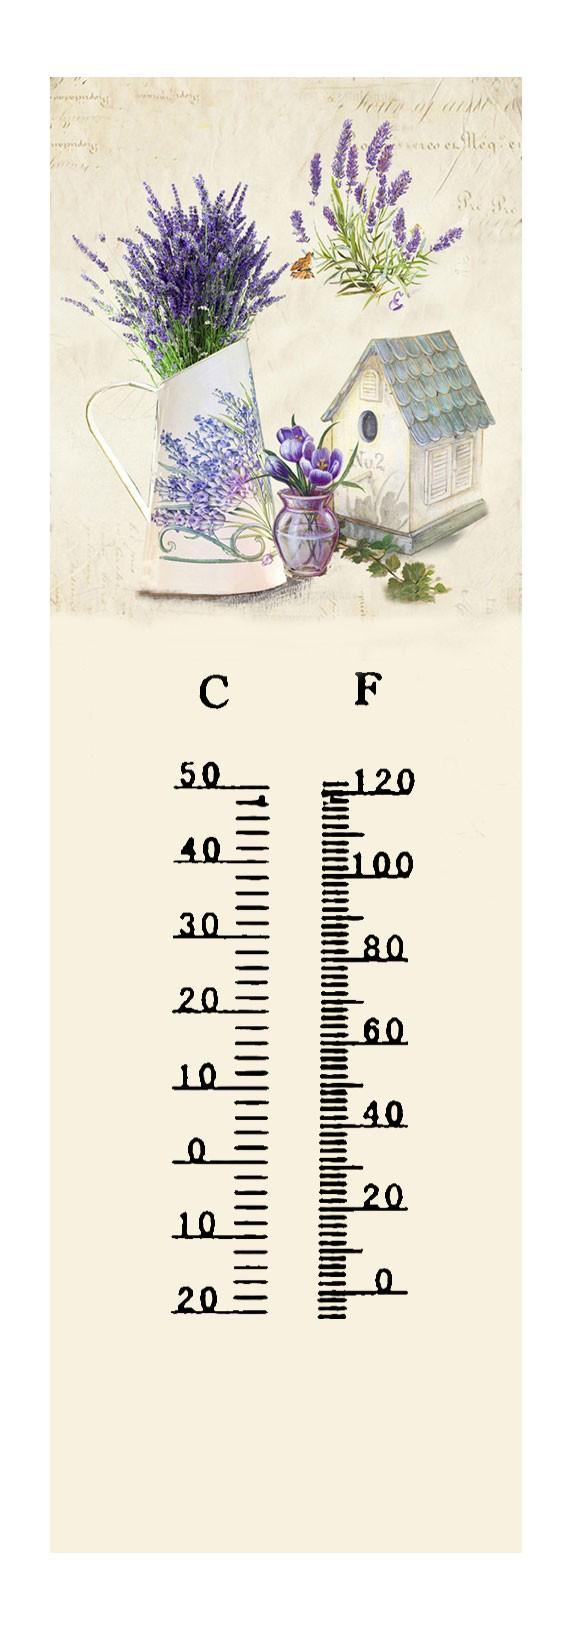 Termometro metallo lavanda